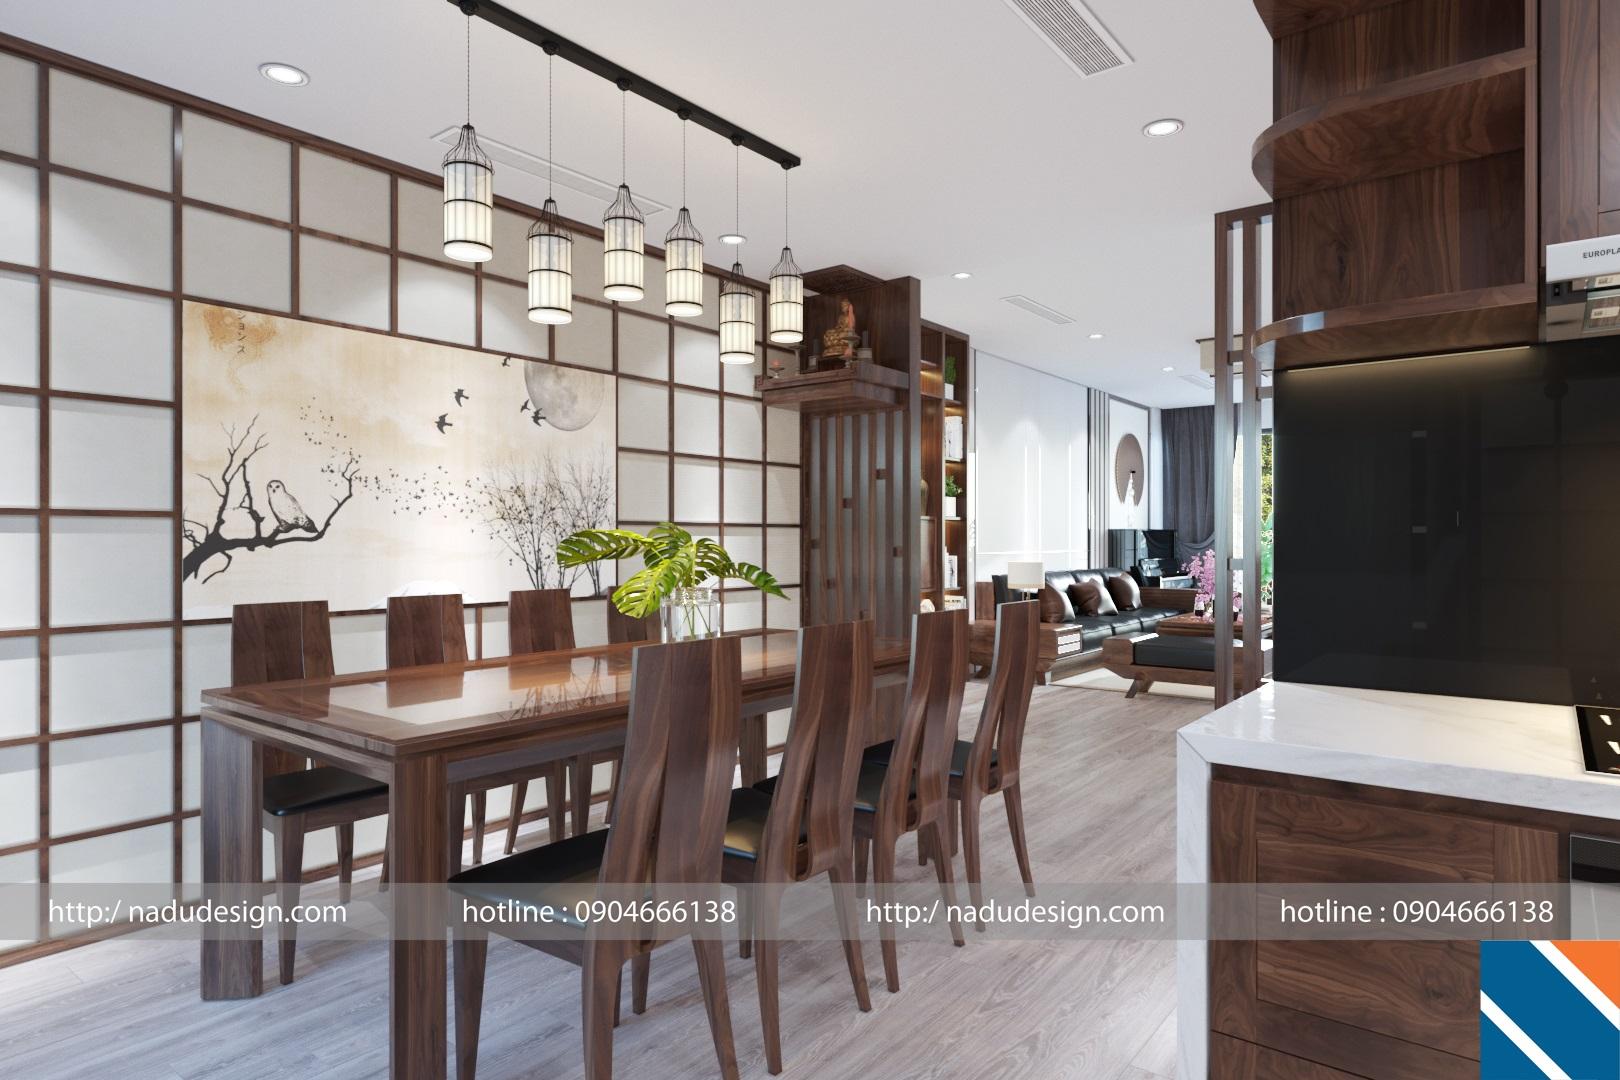 Phòng khách bếp với bộ bàn ăn nguyên khối từ gỗ óc chó